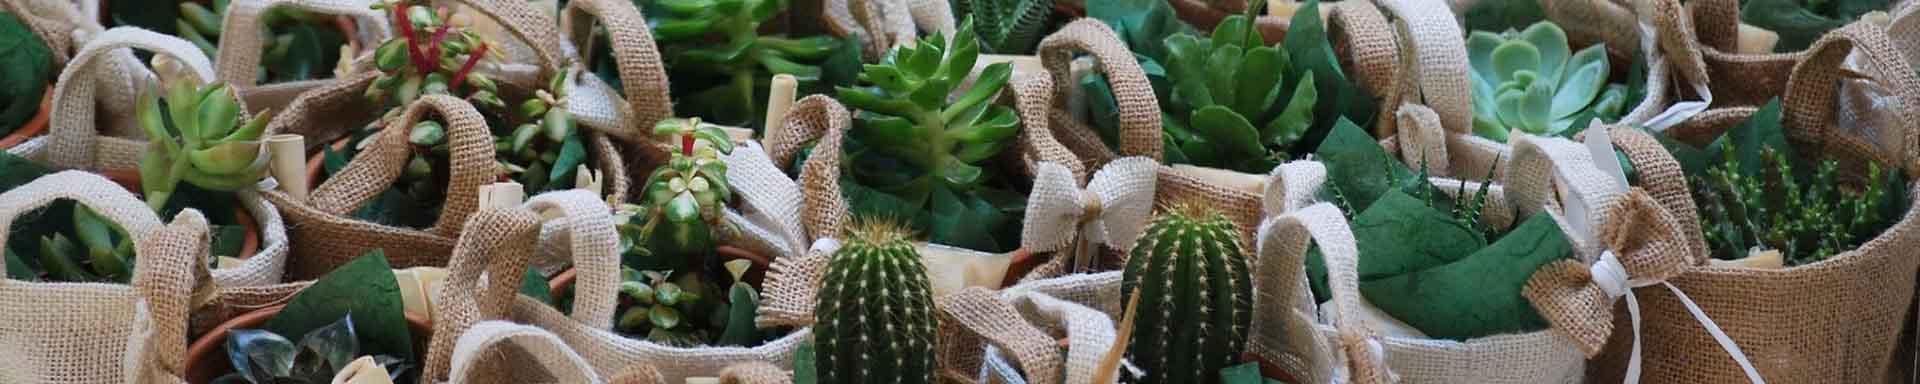 Piante ornamentali da giardino alberi da frutto vendita for Piante grasse ornamentali